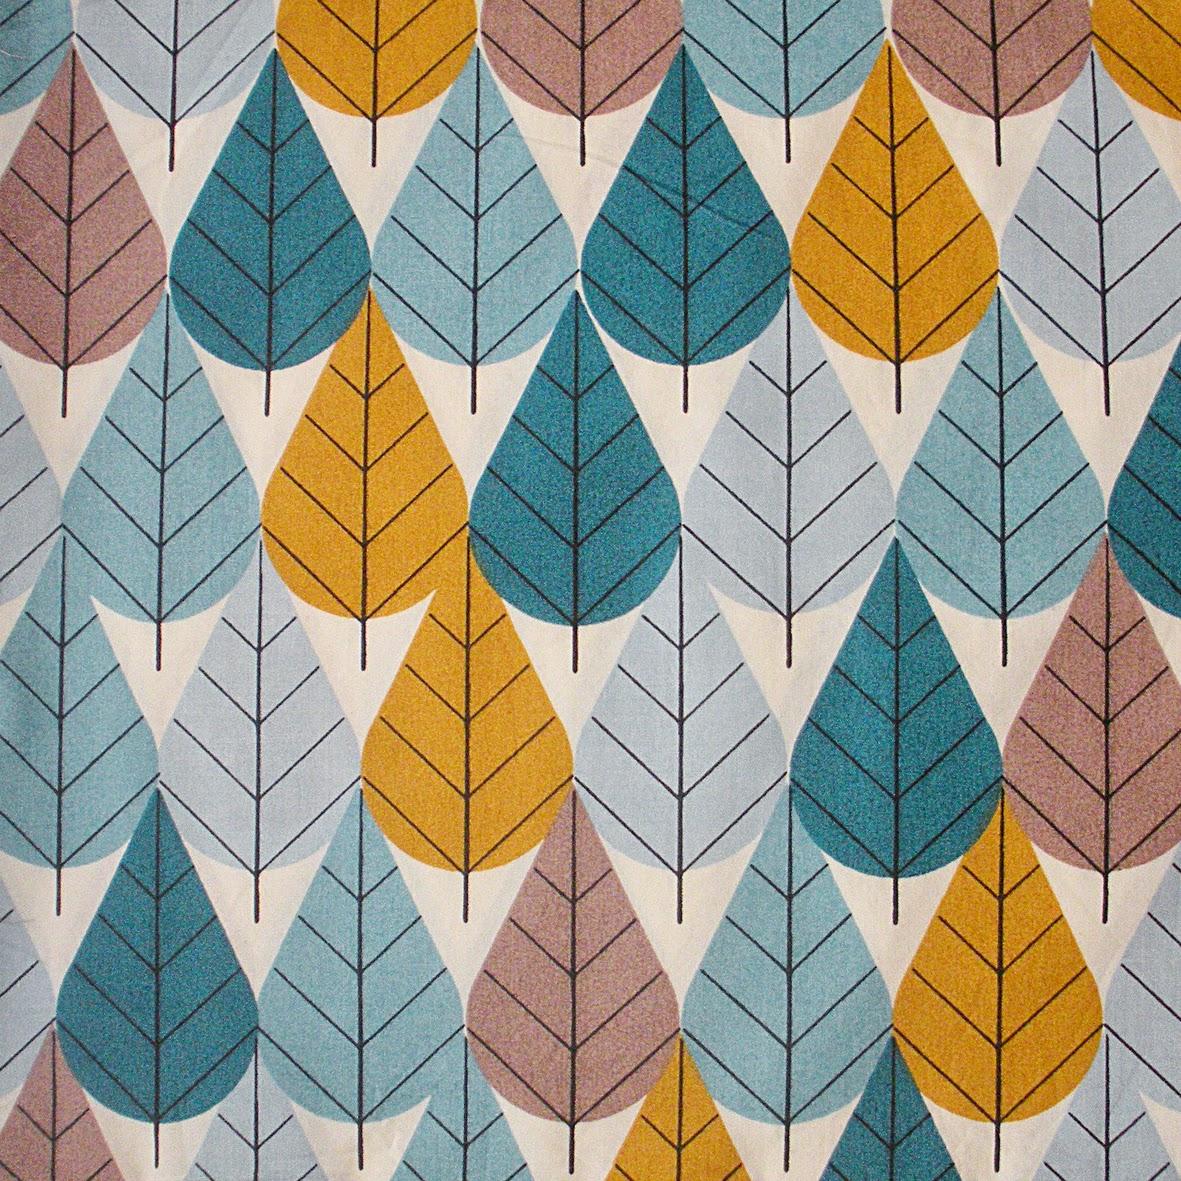 algodon ecologico, cris b, moda sostenible, moda ecologica